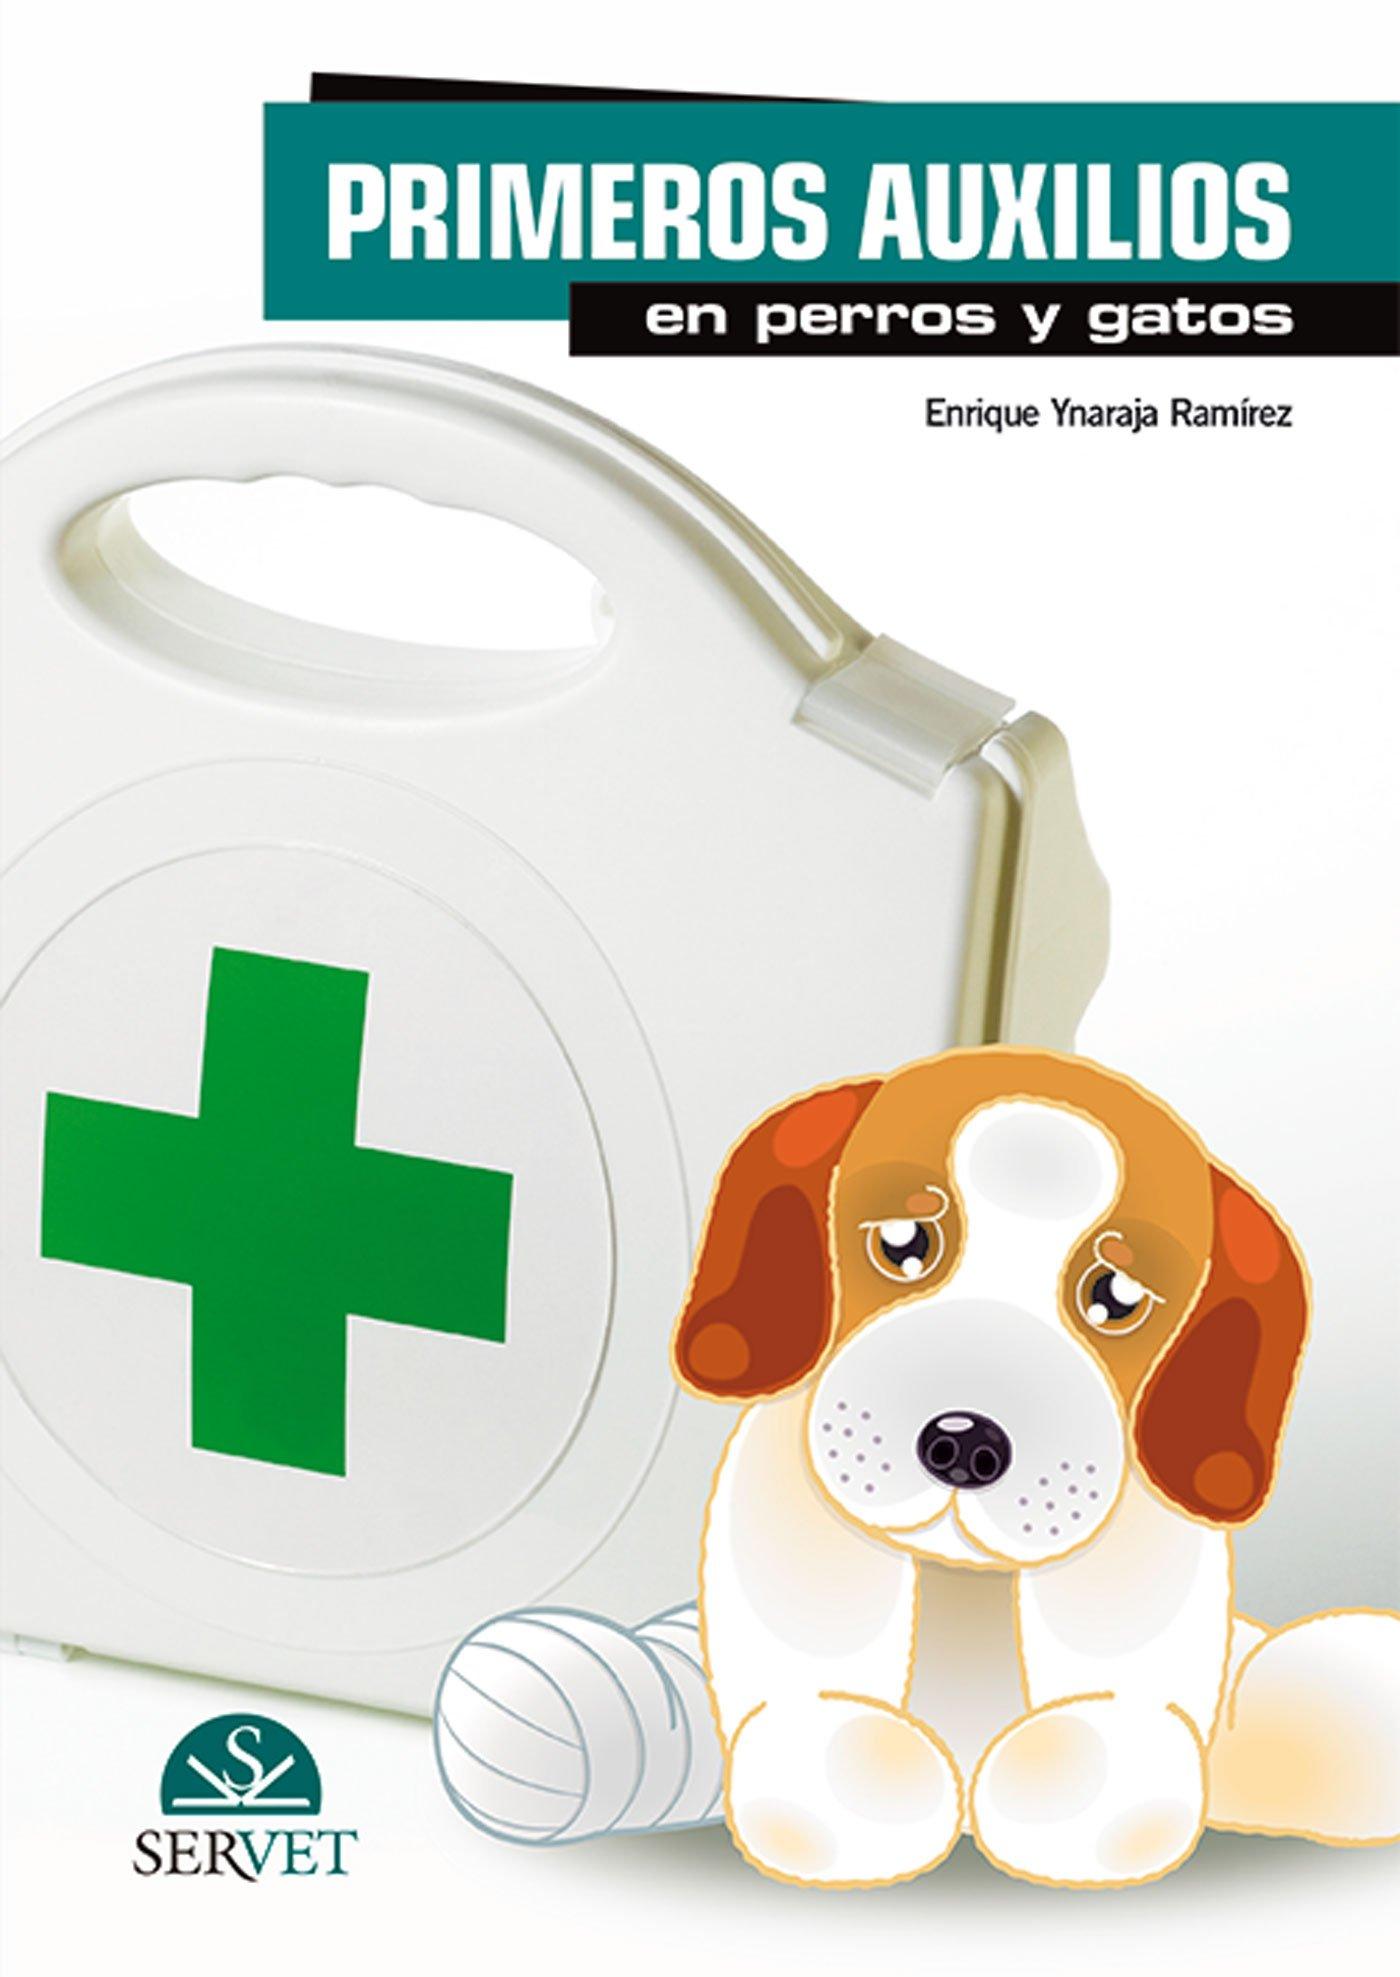 Primeros auxilios en perros y gatos - Libros de veterinaria - Editorial Servet: Amazon.es: Enrique Ynaraja Ramírez: Libros